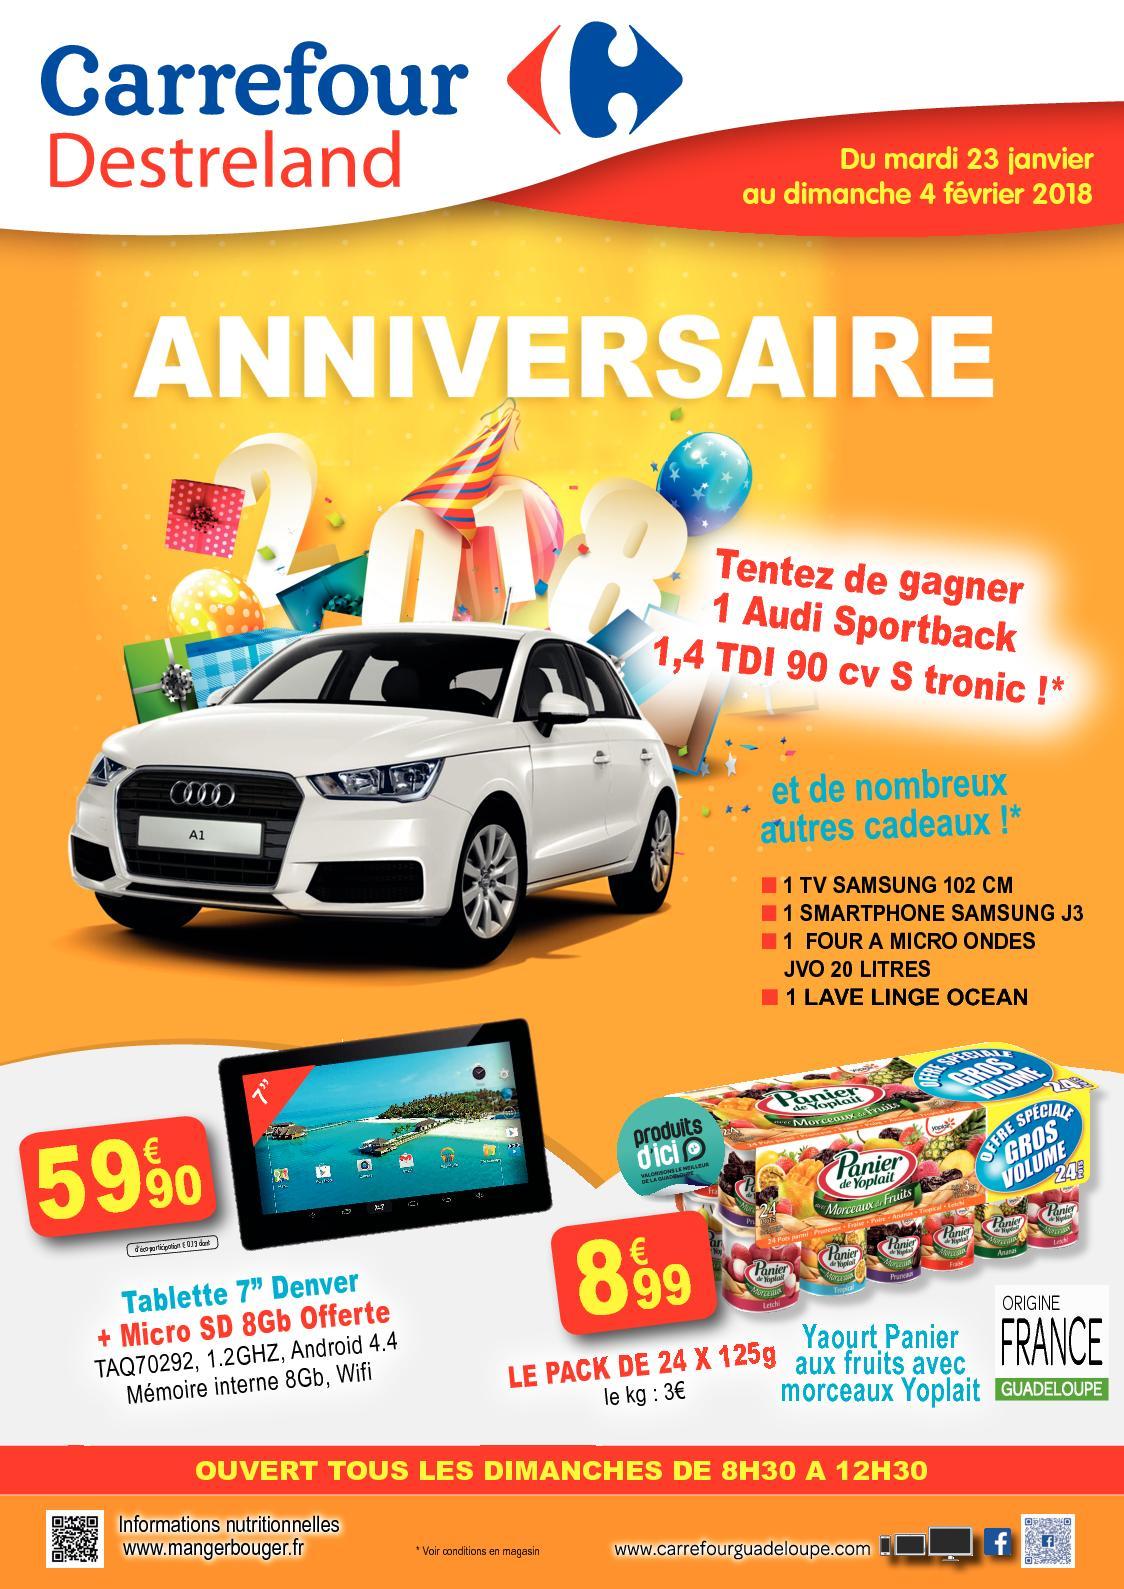 Calaméo Carrefour Destreland Guadeloupe Anniversaire 0118